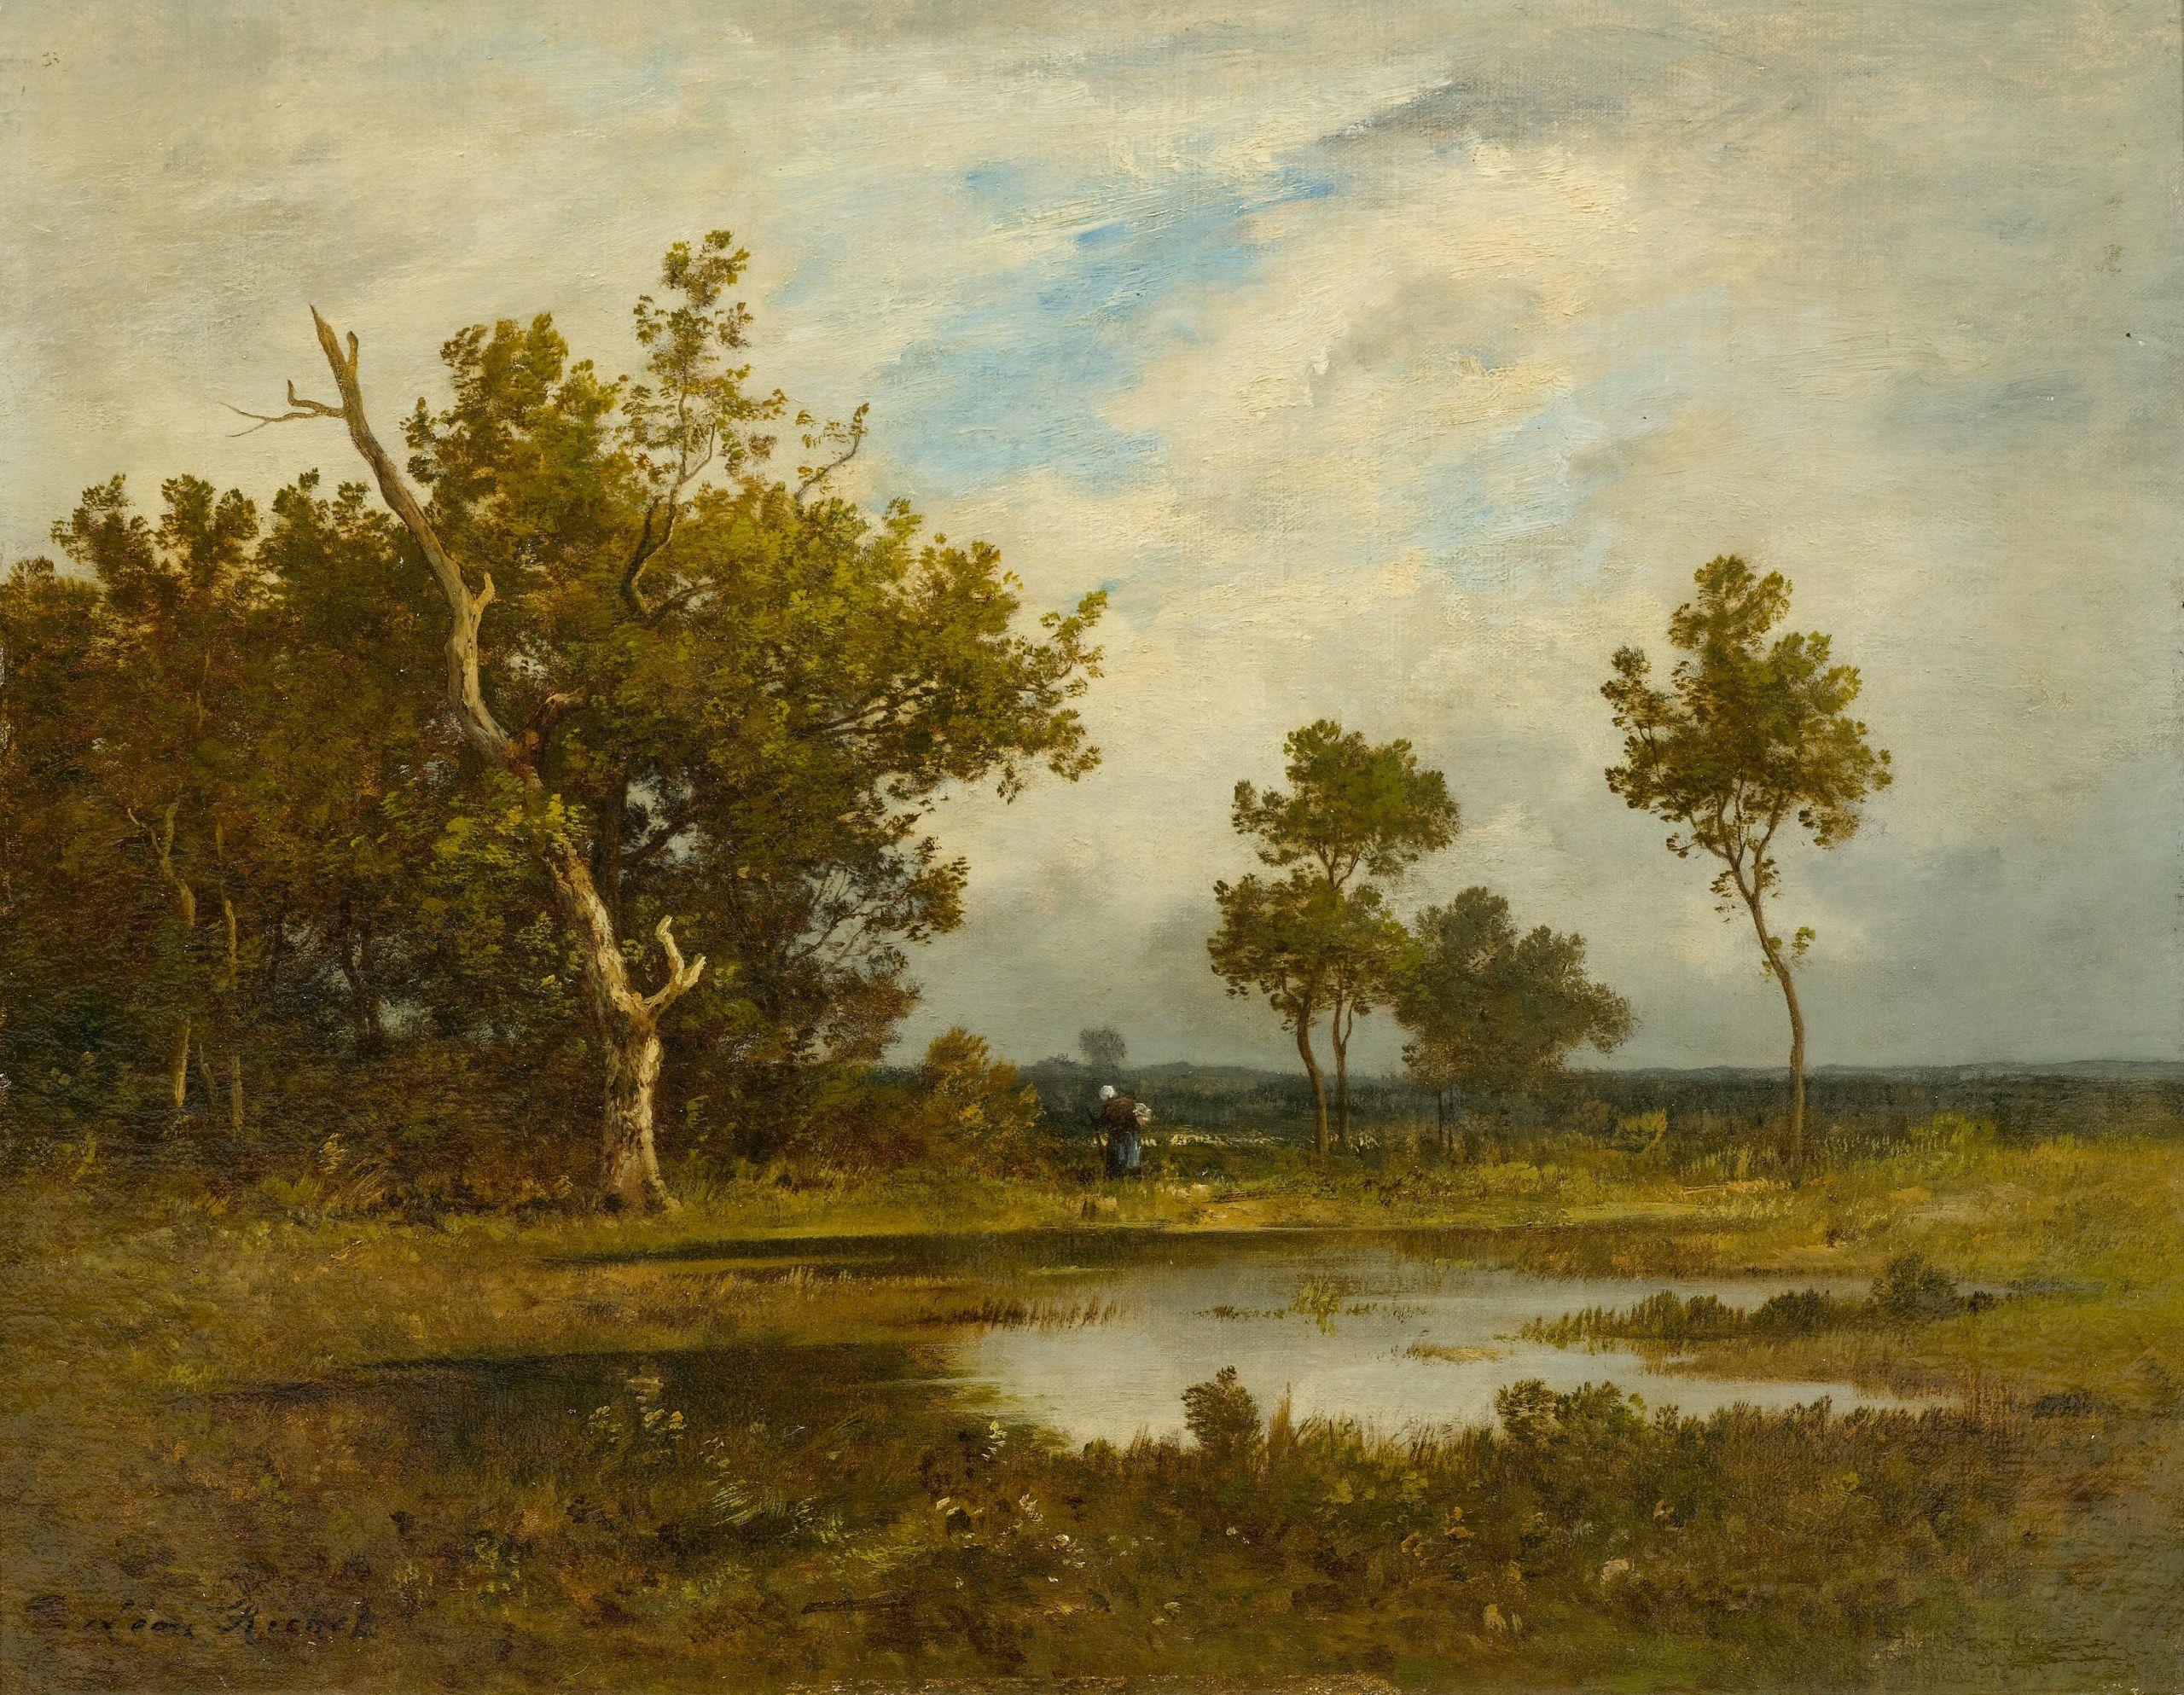 Léon Richet Reisigsammlerin bei einem Teich